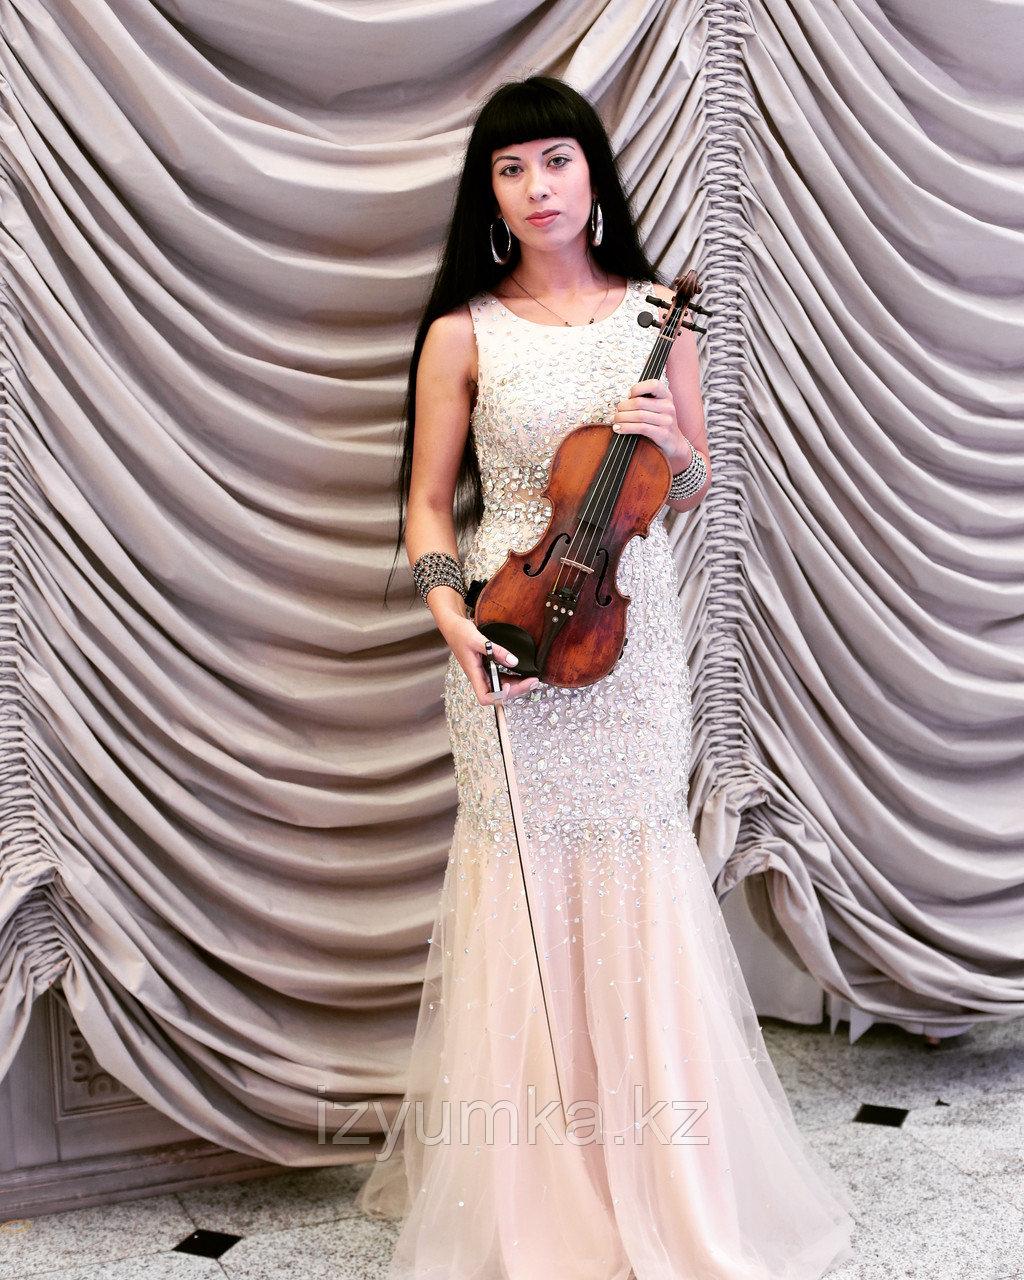 Предложение руки и сердца, скрипка в Павлодаре - фото 5